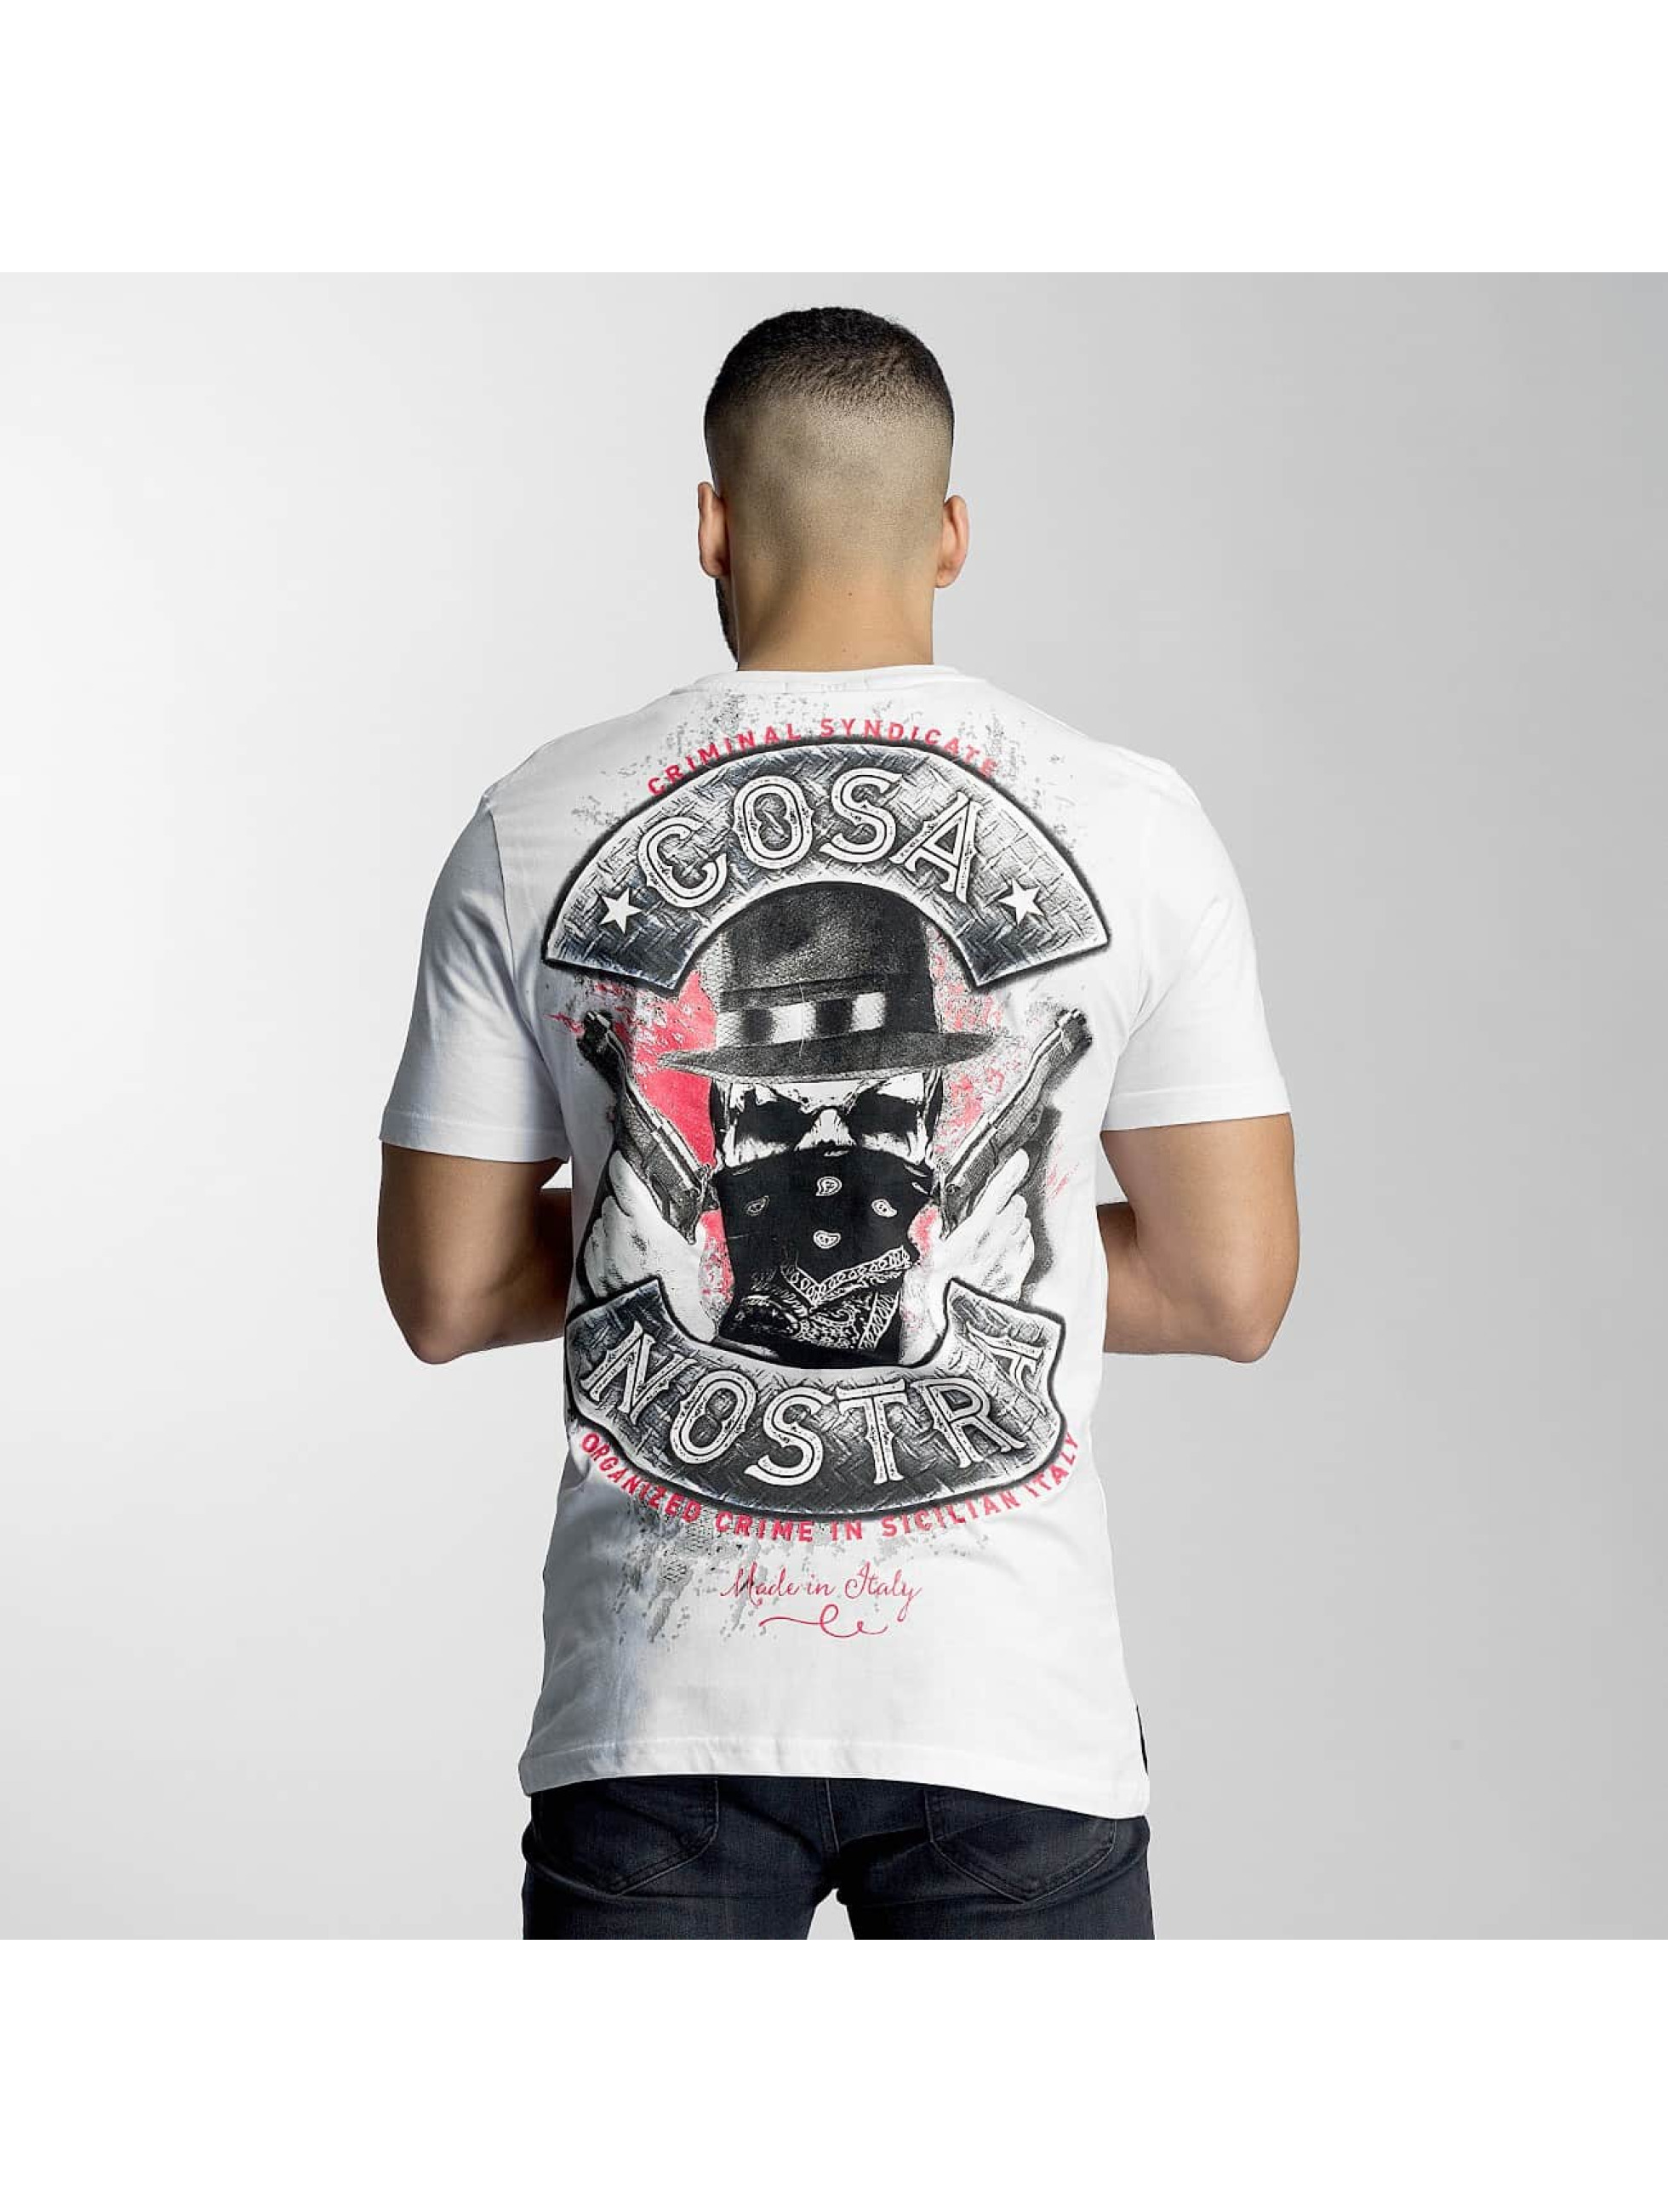 Mafia & Crime T-Shirt Cosa Nostra white